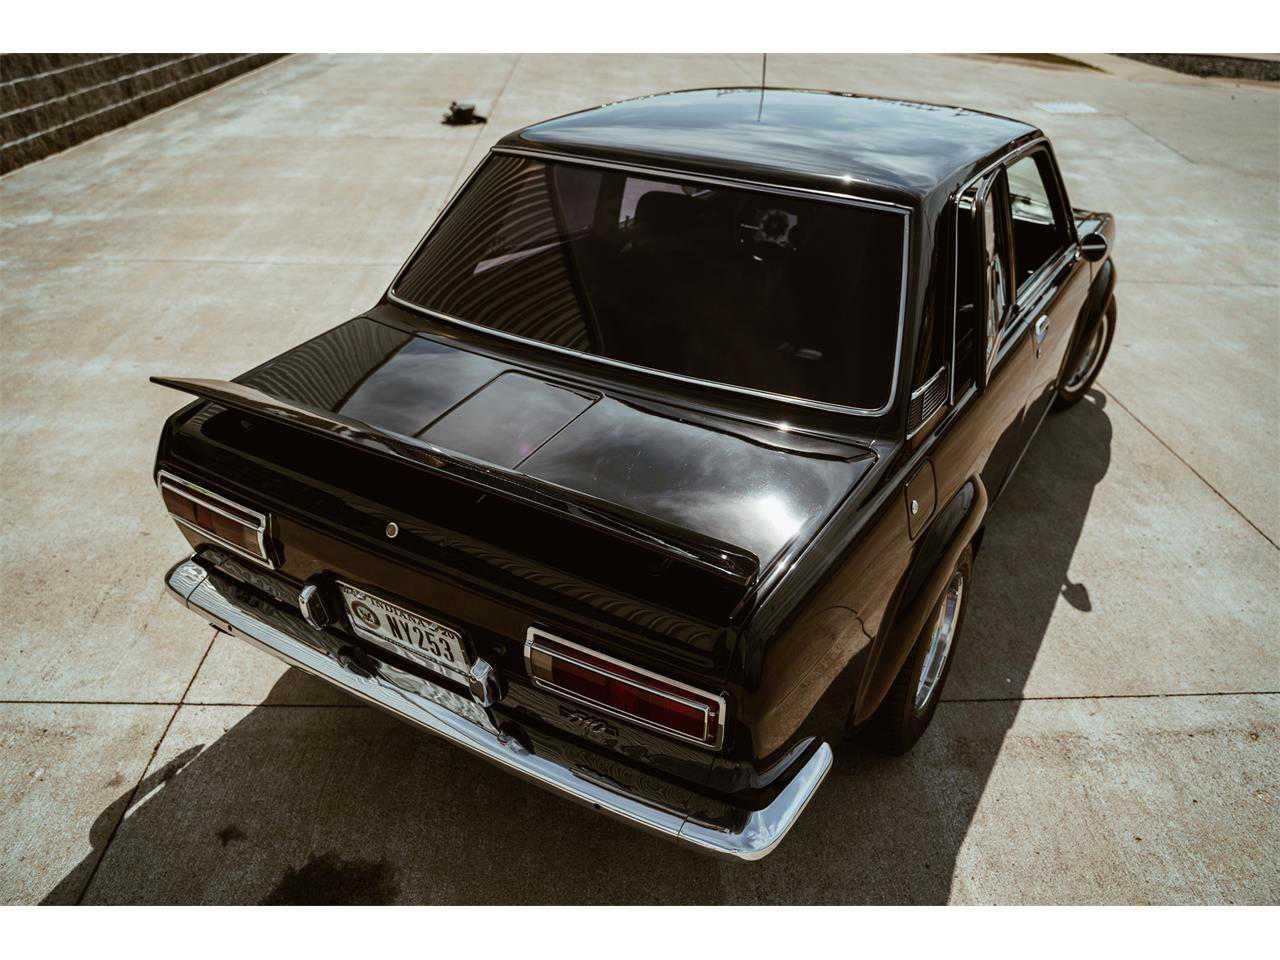 Used Datsun 510 For Sale In Arkansas